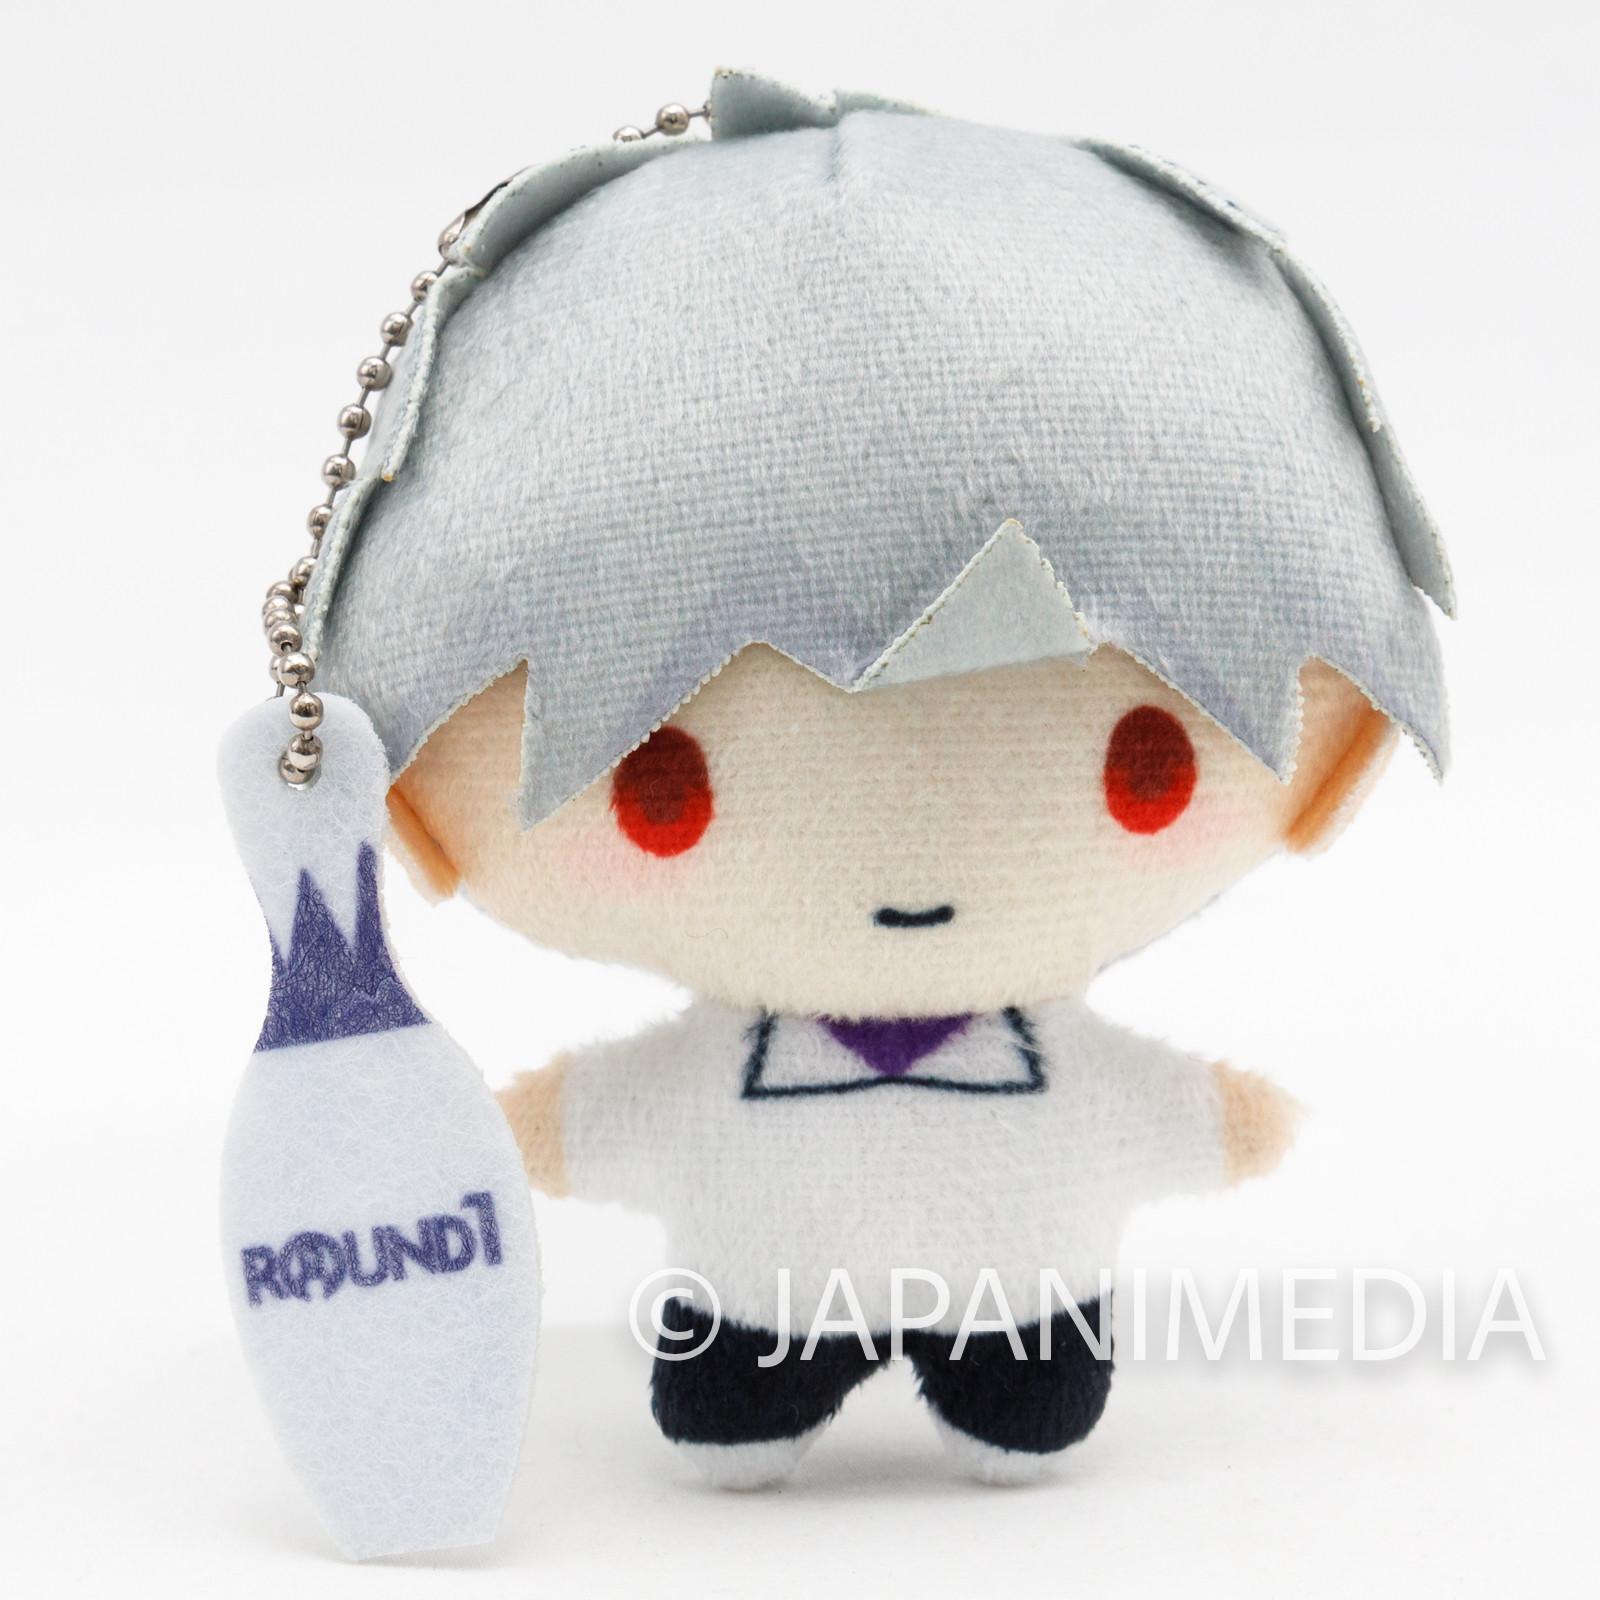 Shin Evangelion Kaworu Nagisa Mini Mascot Plush Doll Ballchain JAPAN